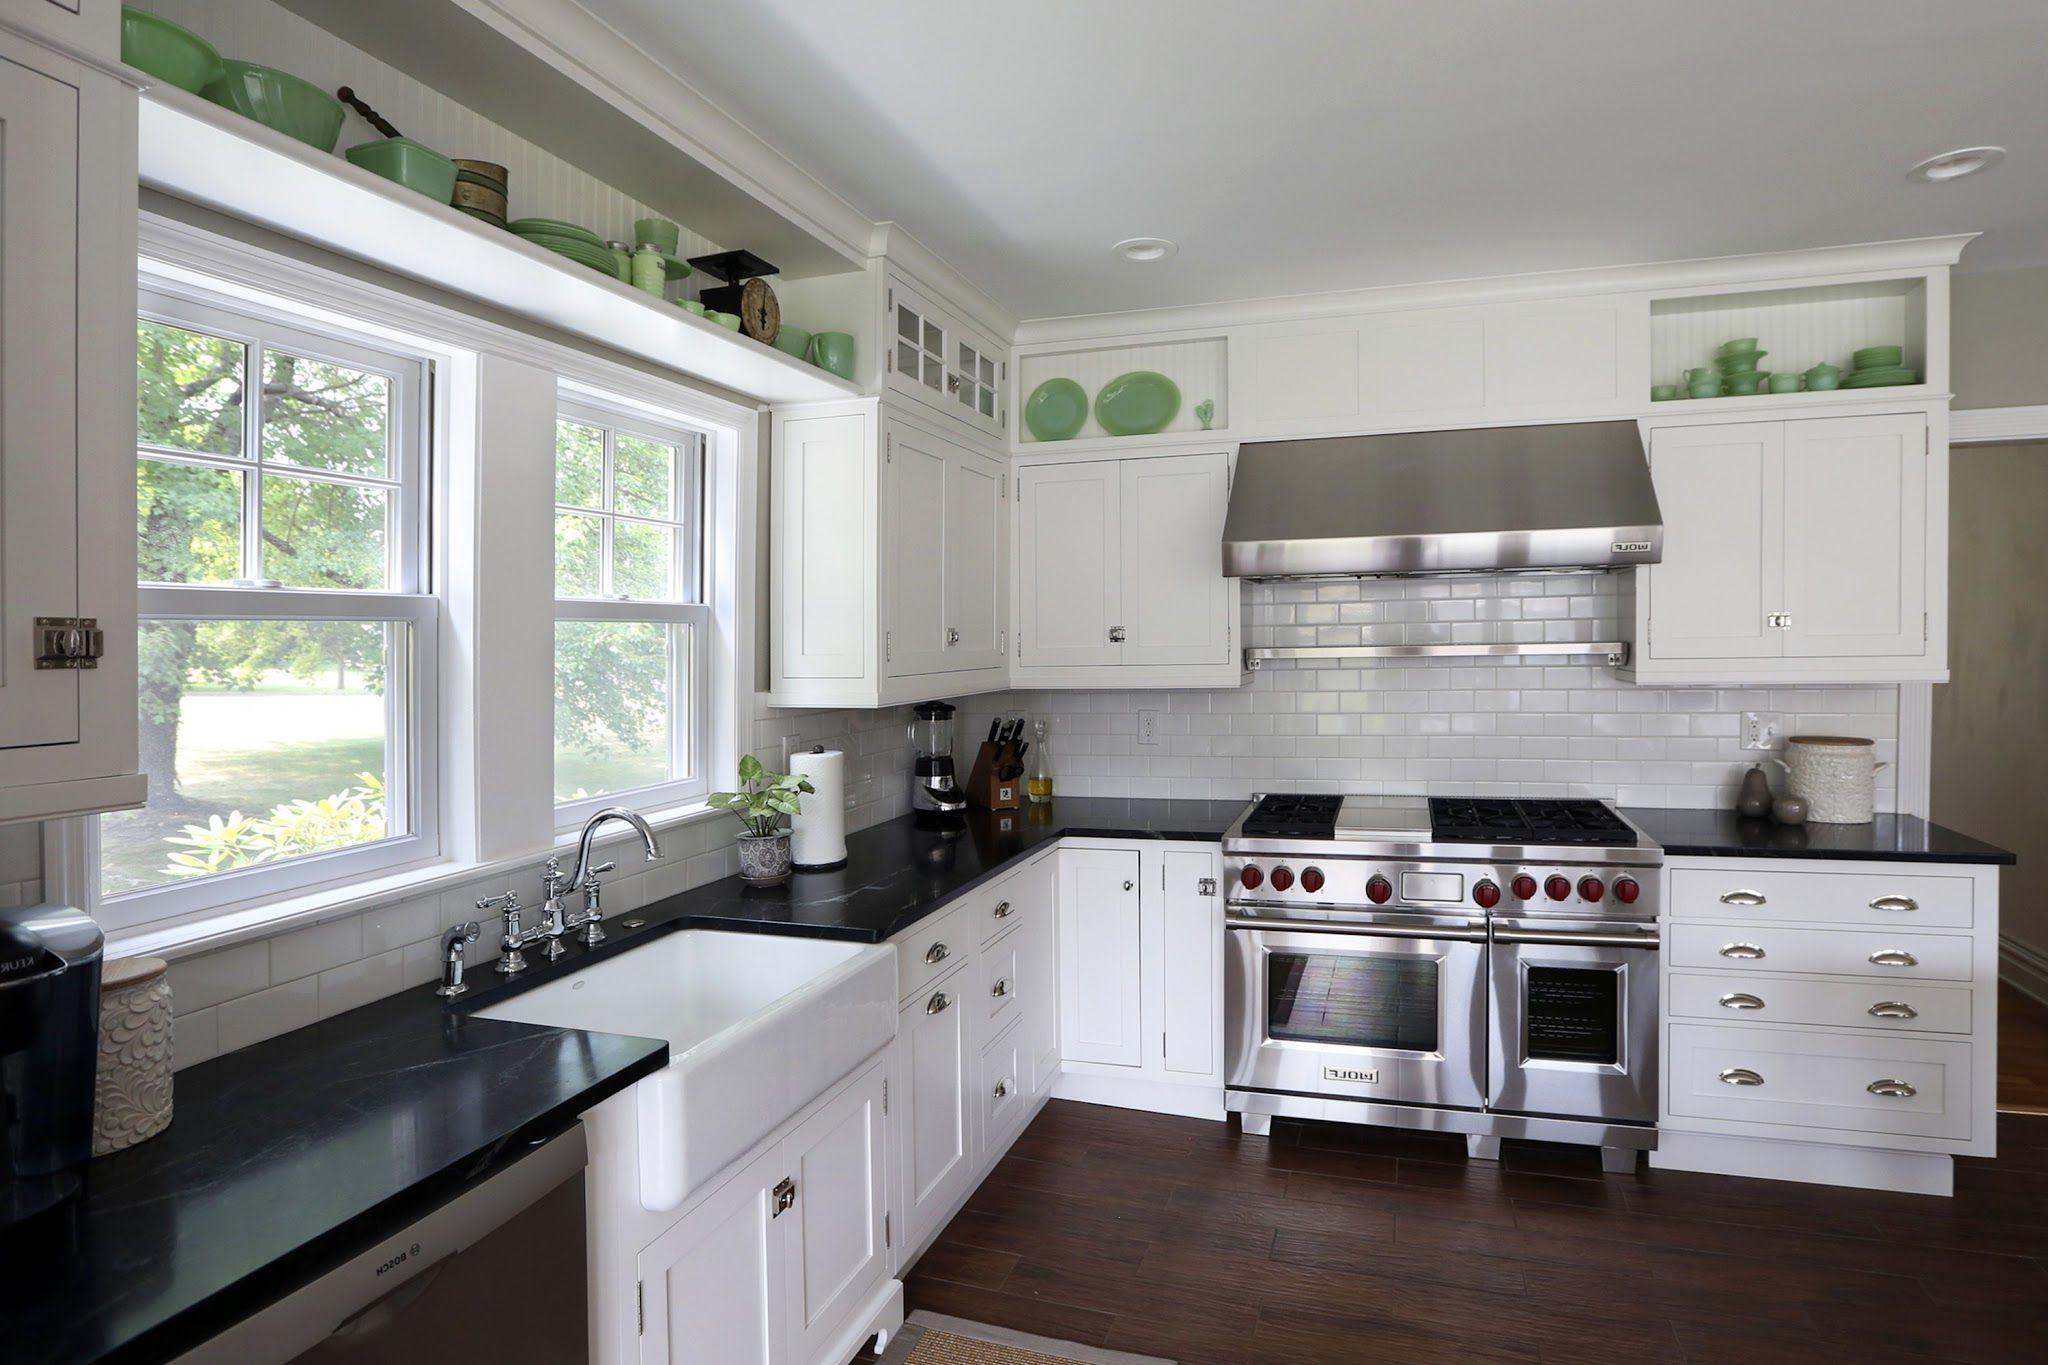 Ideen für küchenbeleuchtung ohne insel fliesenmuster für die küche backsplash küche kochfeld backsplash